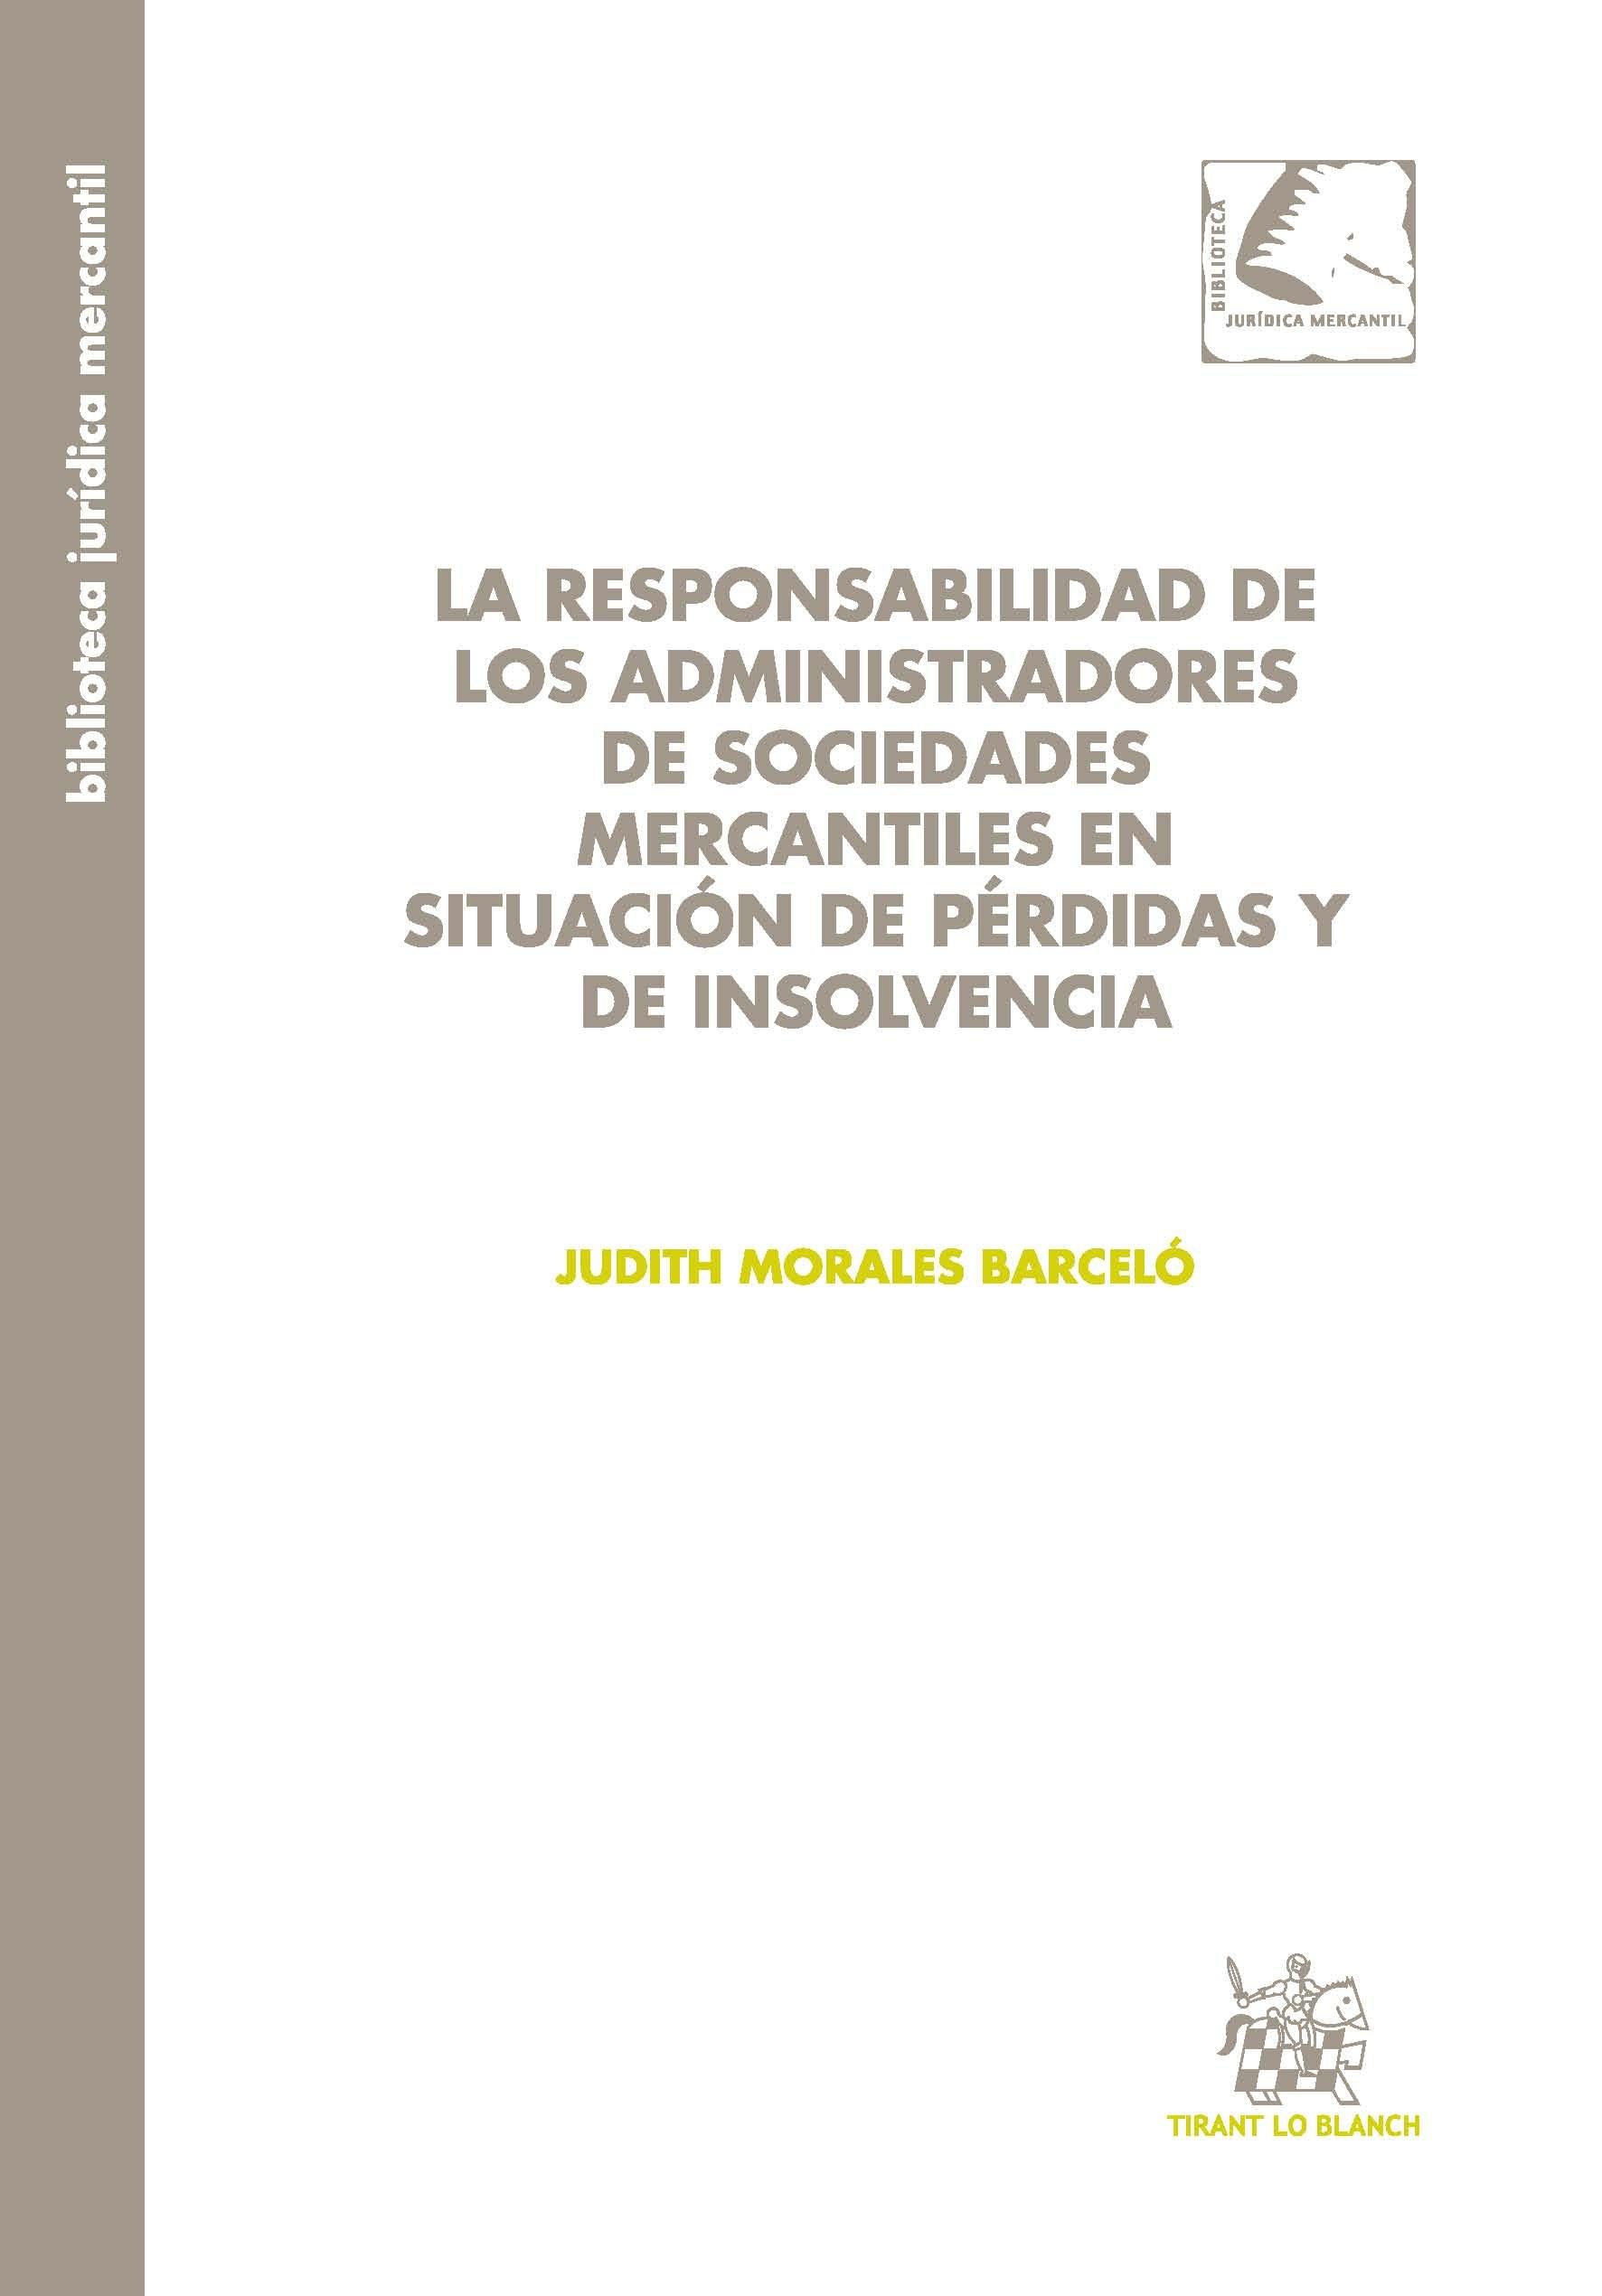 La responsabilidad de los administradores de sociedades mercantiles en situación de pérdidas y de insolvencia Biblioteca jurídica mercantil: Amazon.es: ...